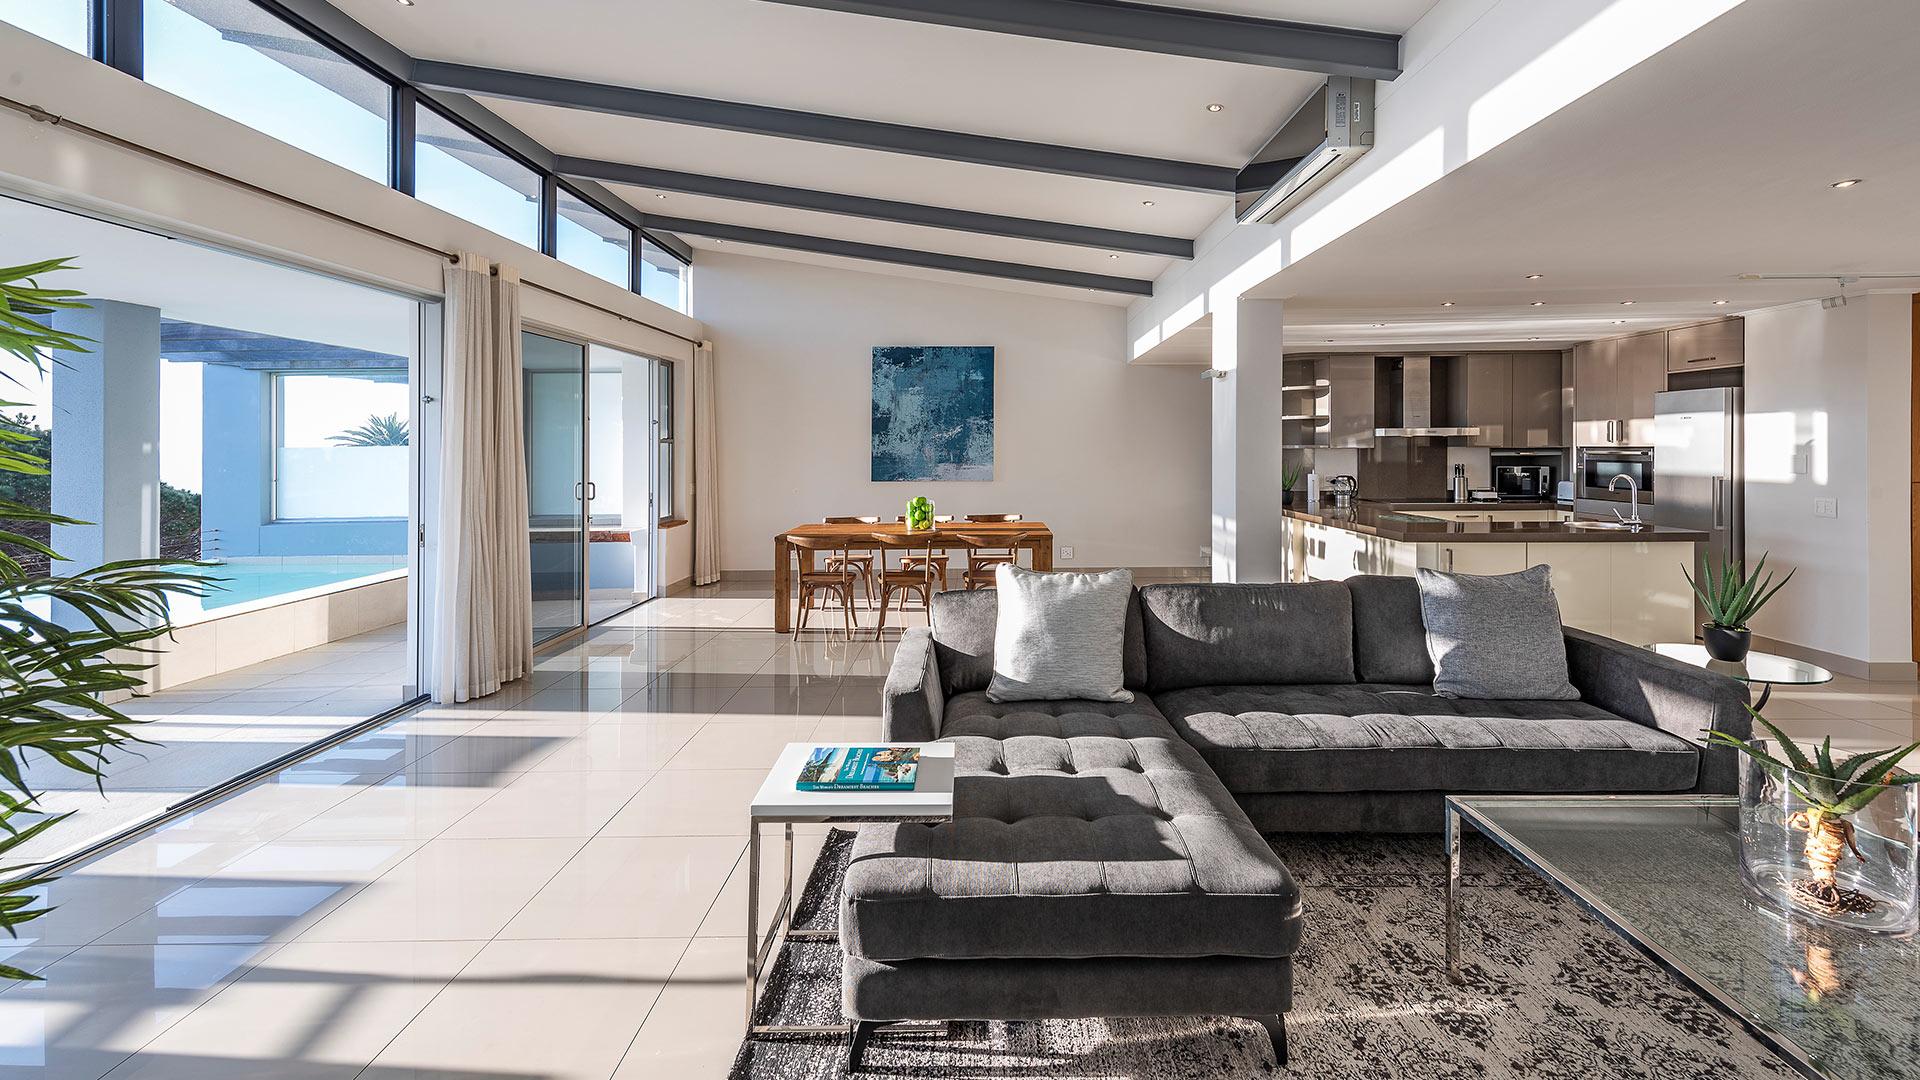 blue-views-villas-penthouse-4-9